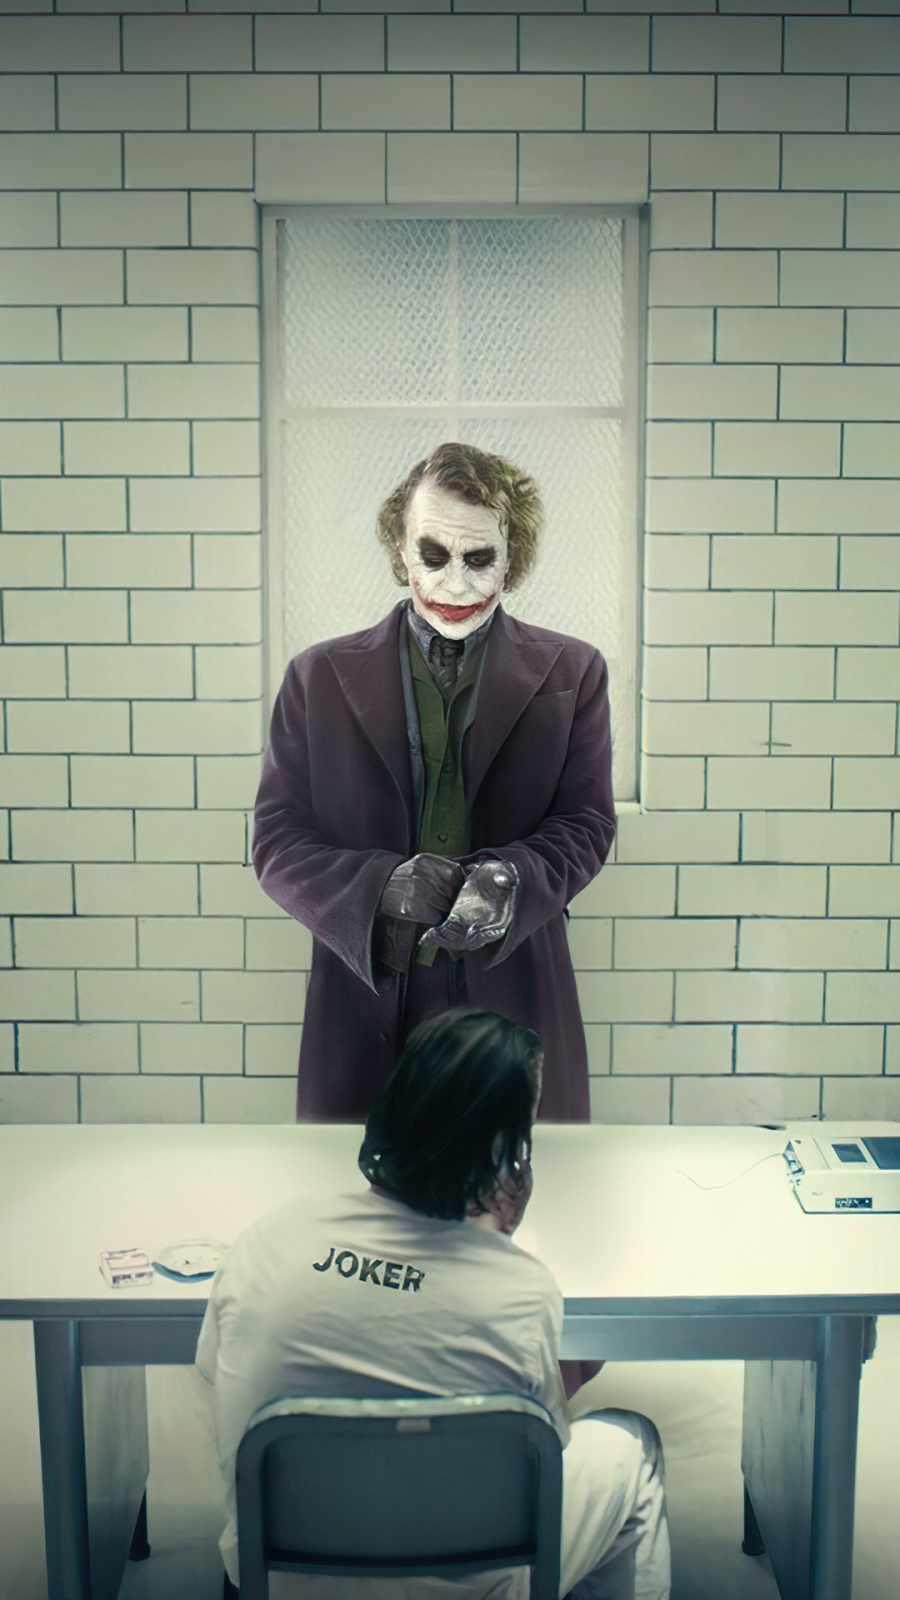 Jokers Meeting in Arkham